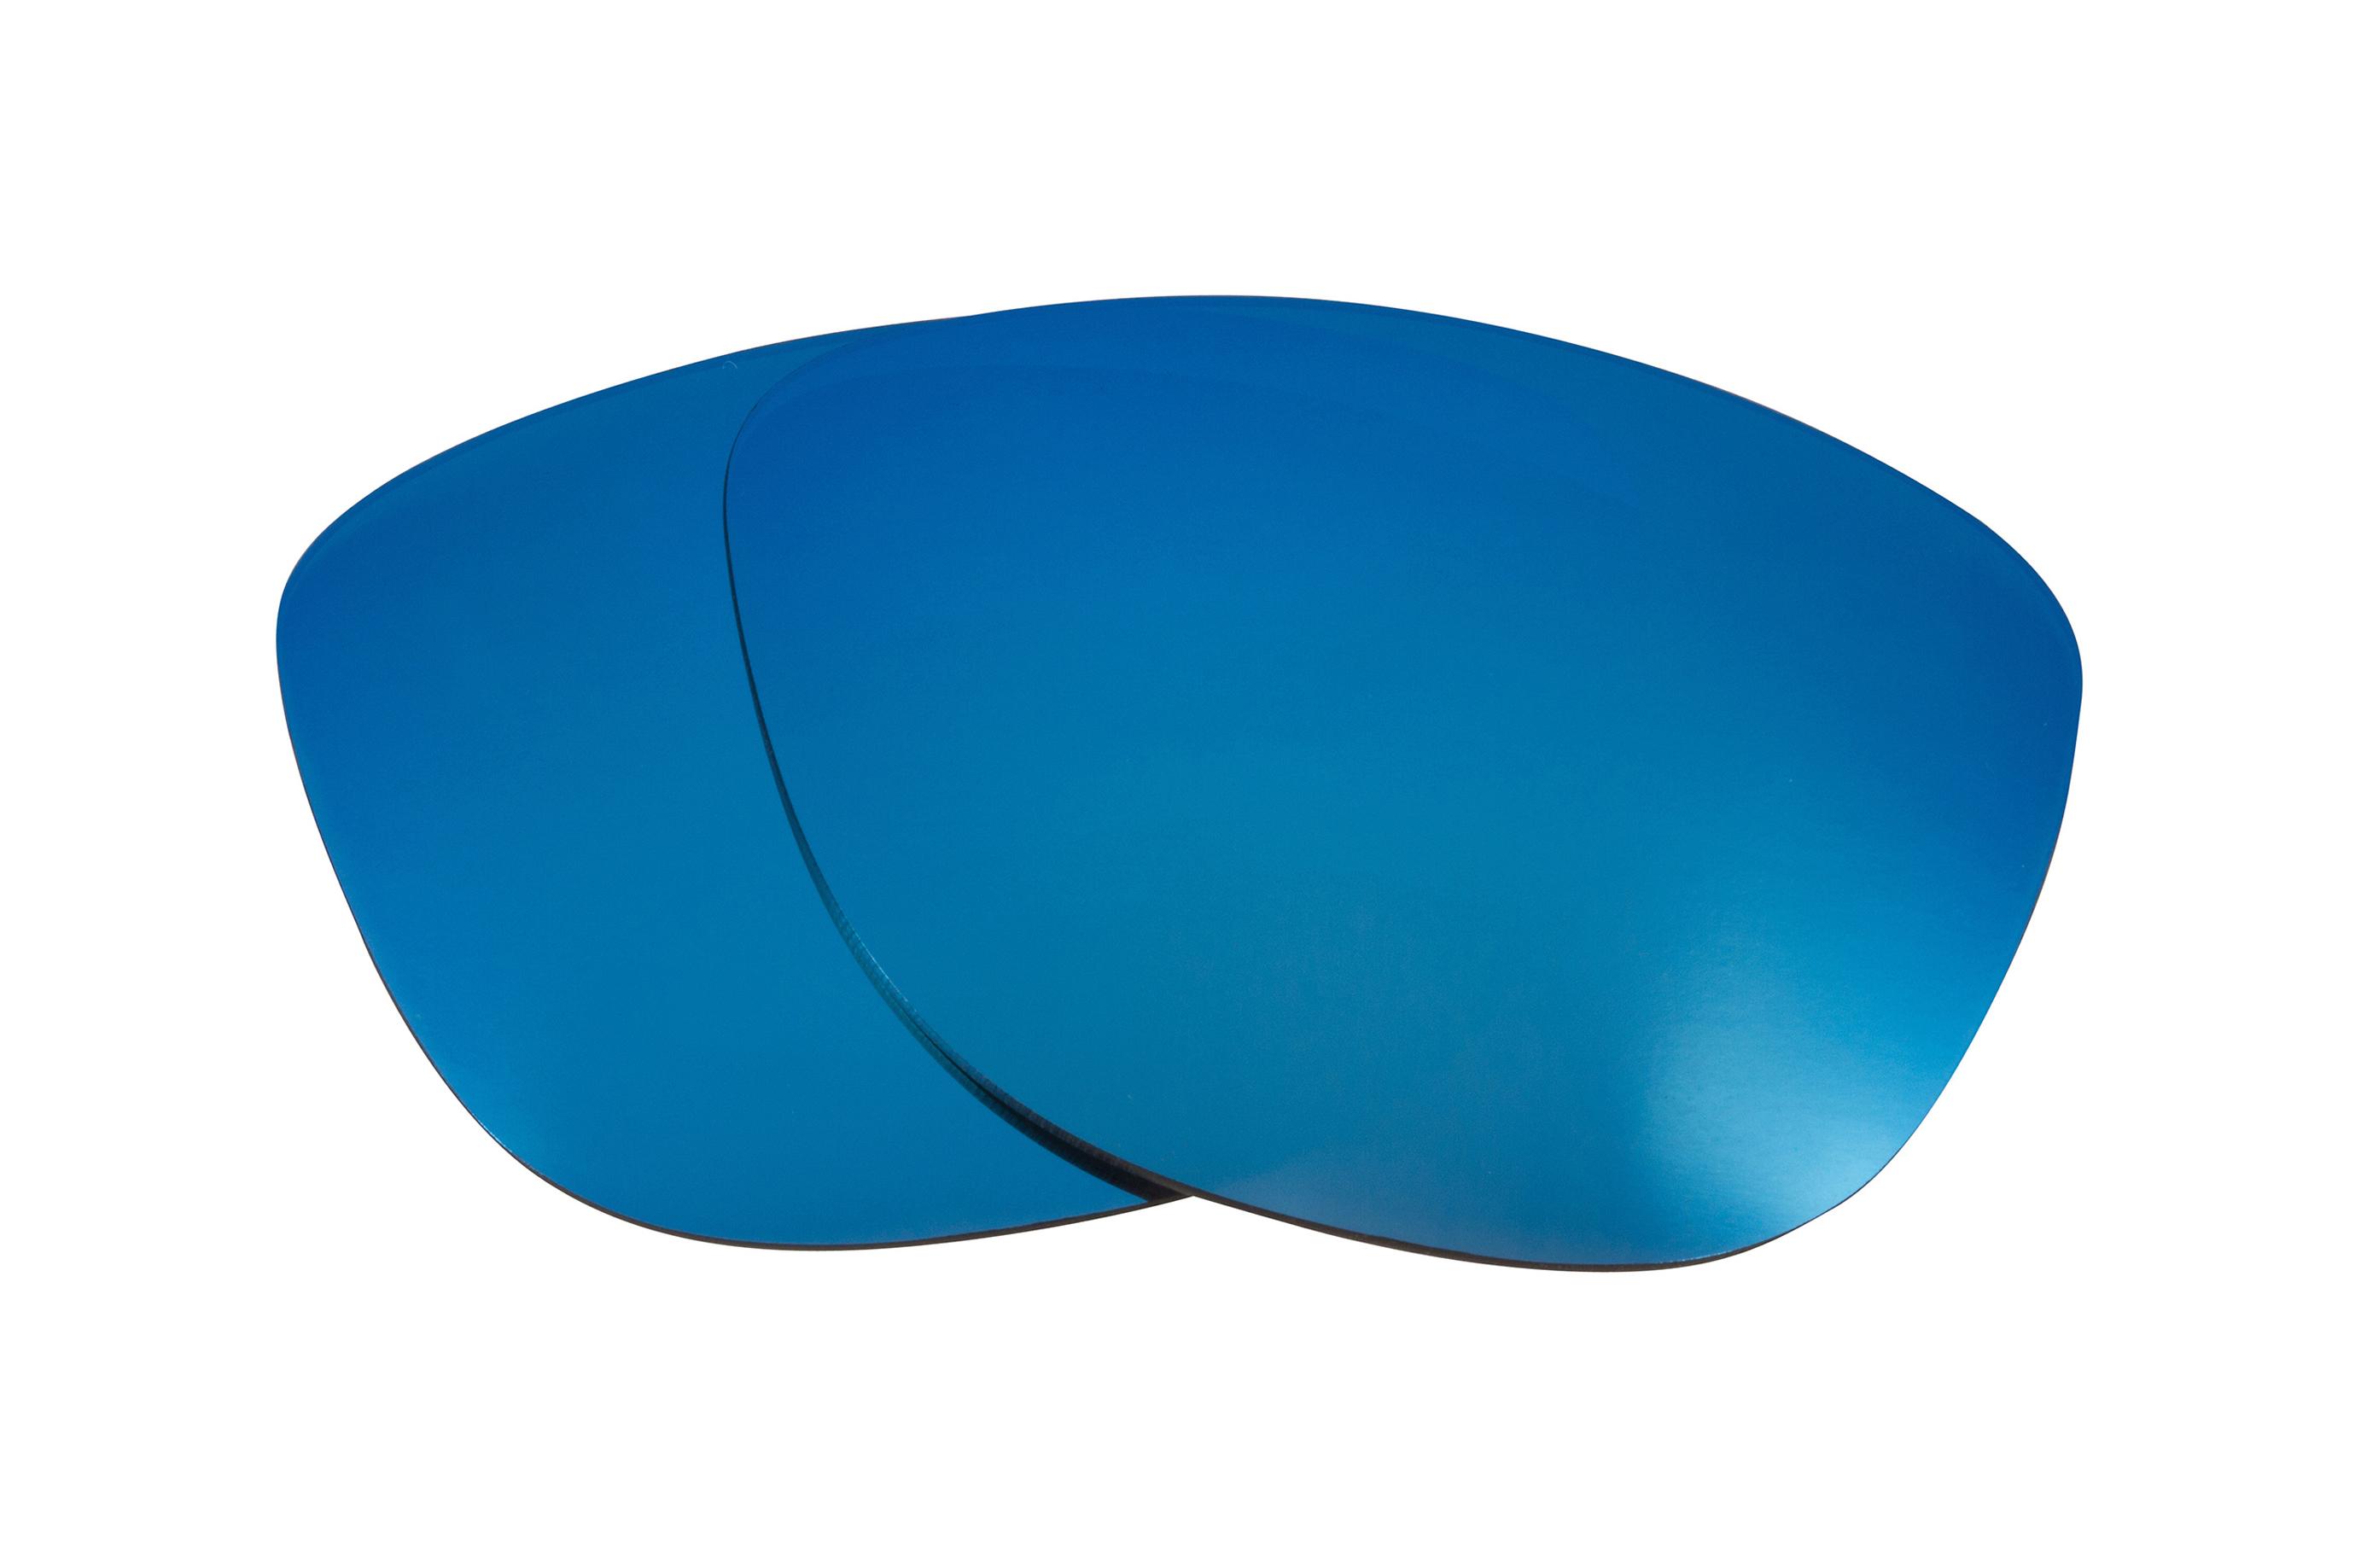 6dd9ebd8e03 Seek Polarized Replacement Lenses for Oakley Sunglasses Jupiter Blue ...